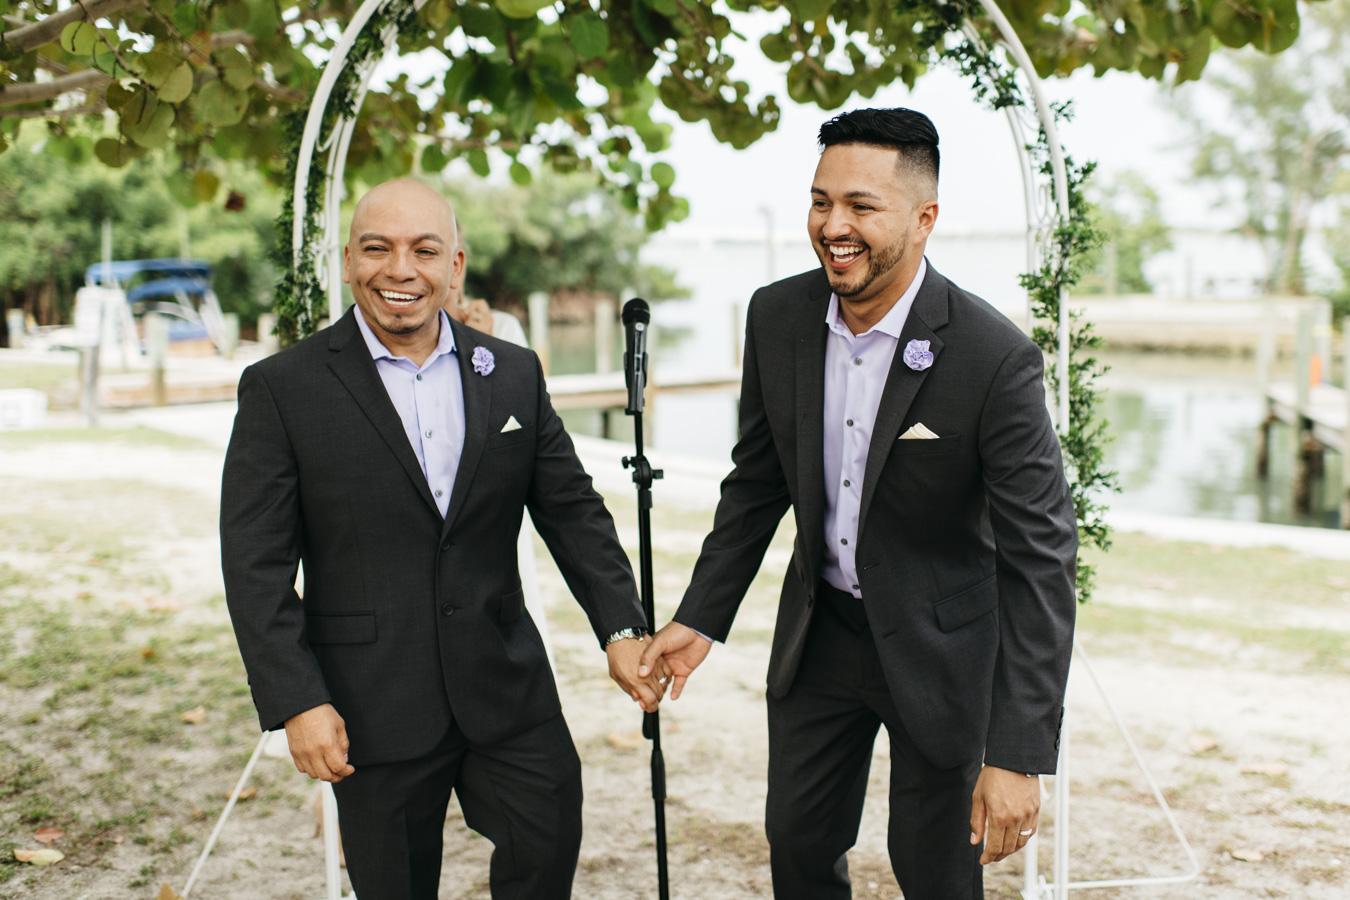 Gino_Jose_Sarasota_FL_Wedding_June_23_2018-33.jpg